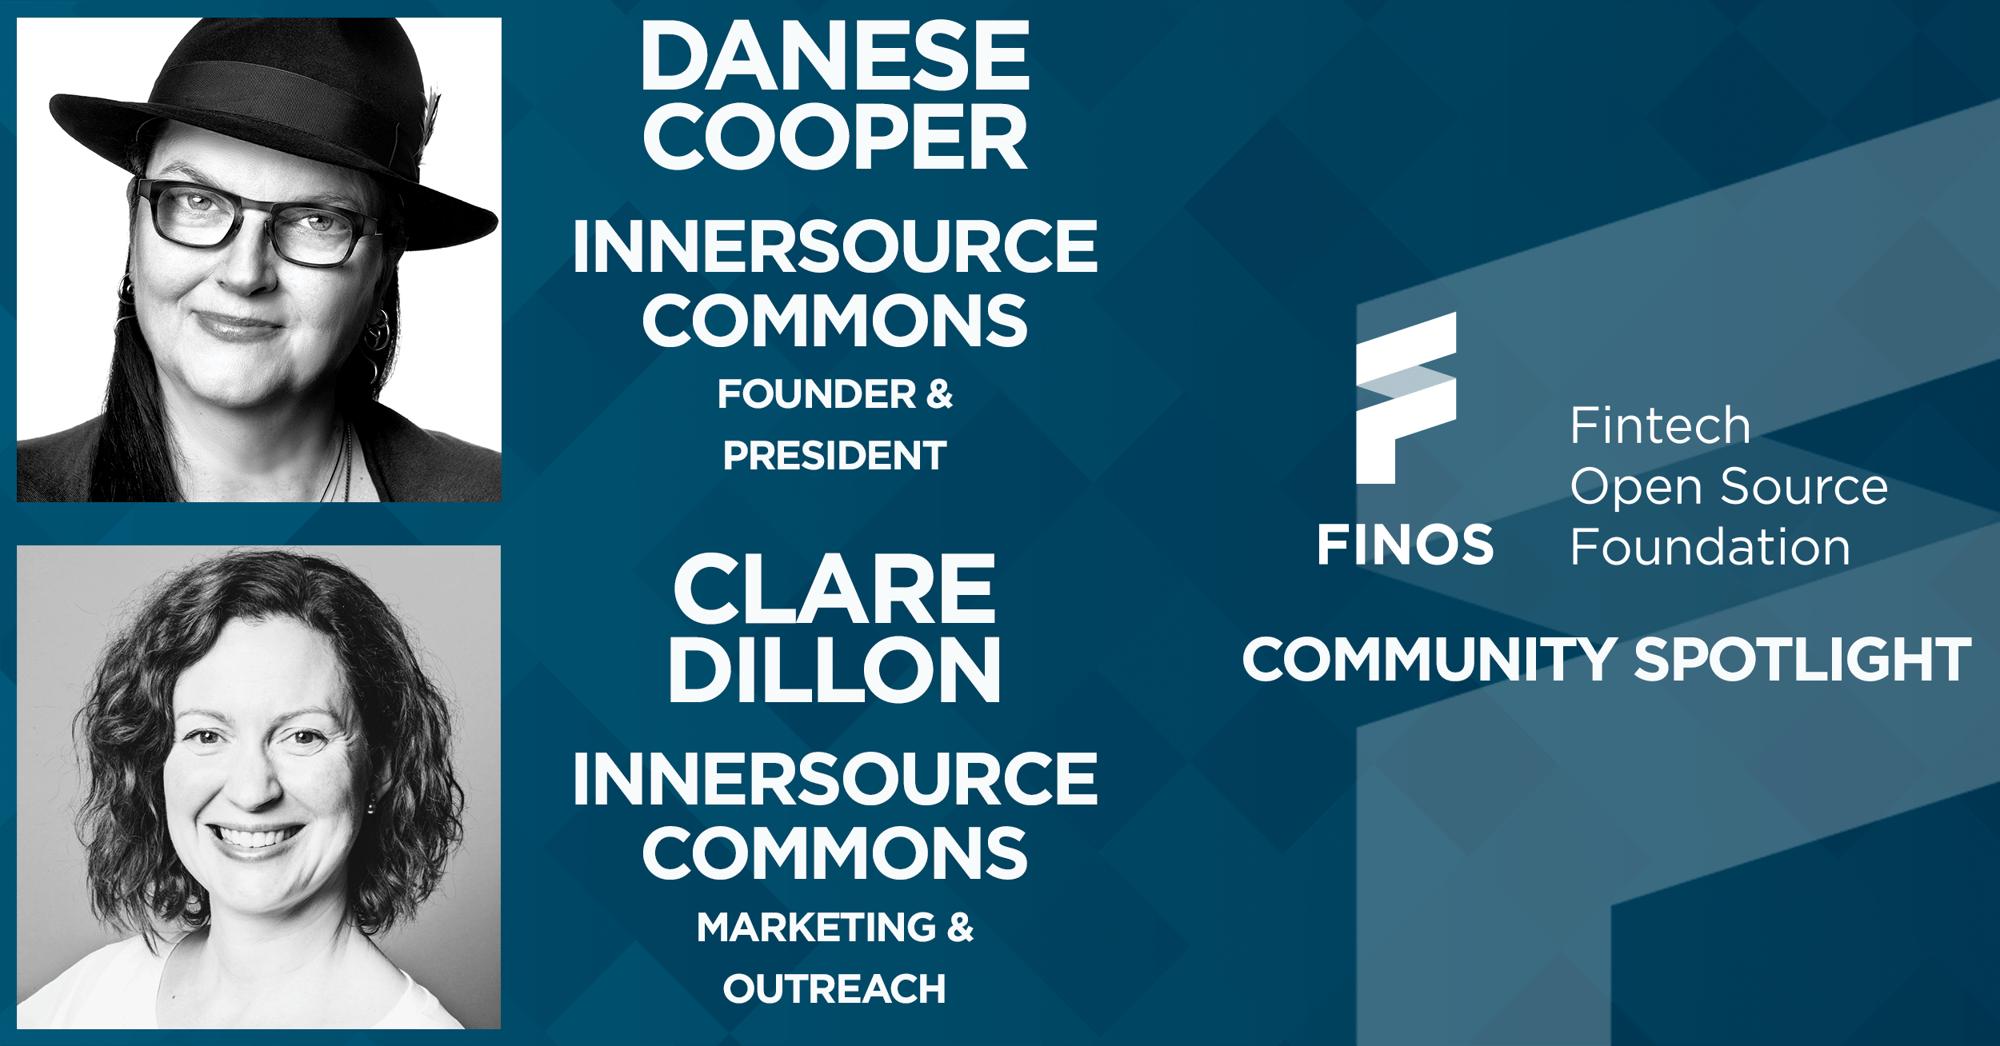 FINOS-community-spotlight-danese-cooper-clare-dillon